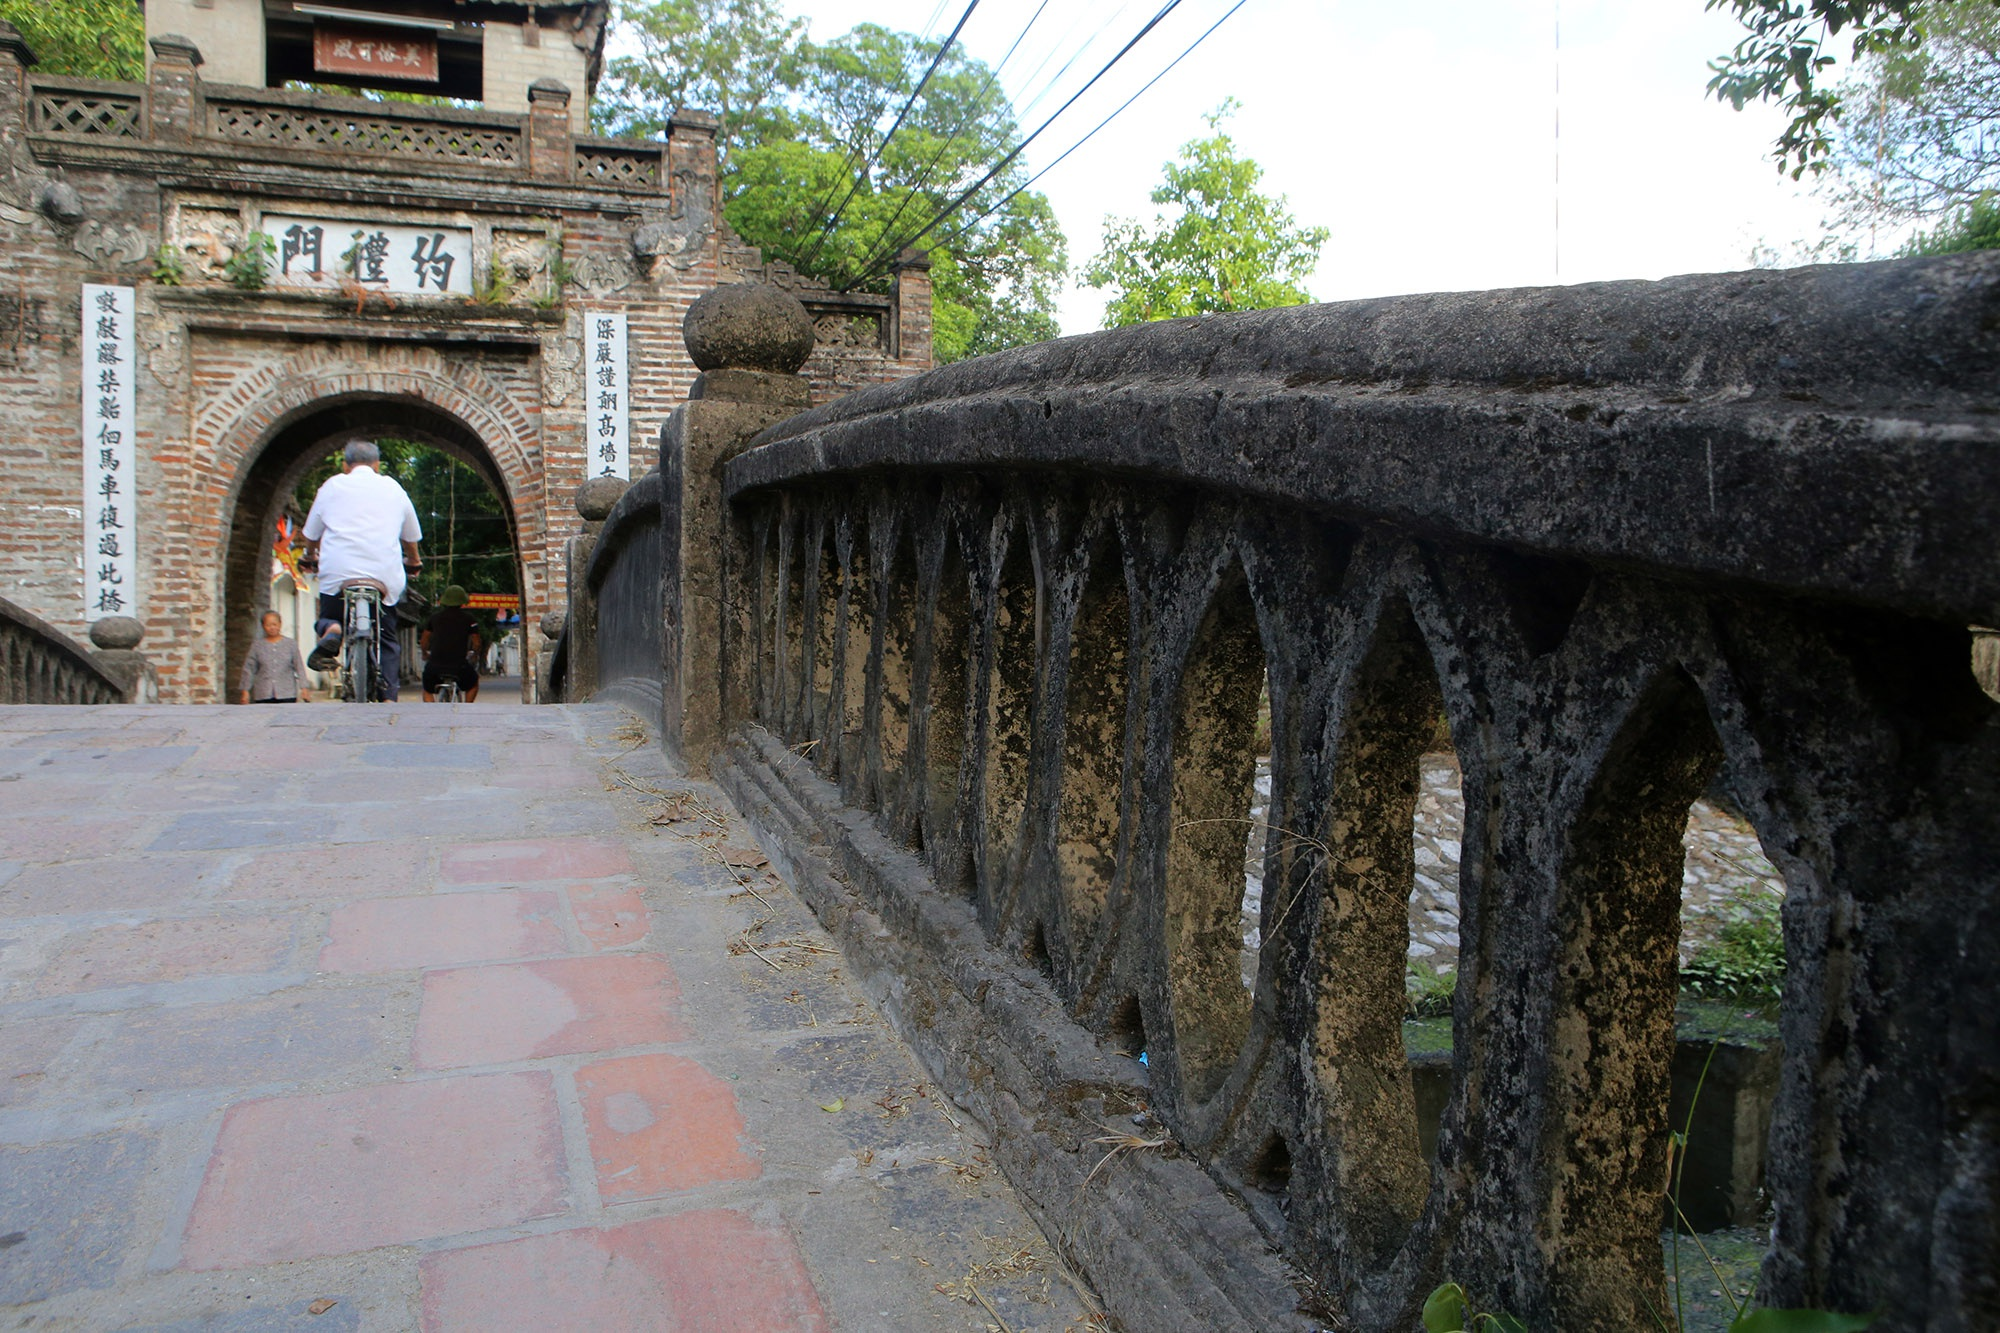 Khám phá vẻ đẹp của cổng làng đồ sộ trải qua 5 thế kỷ tại ngoại ô Hà Nội - 9